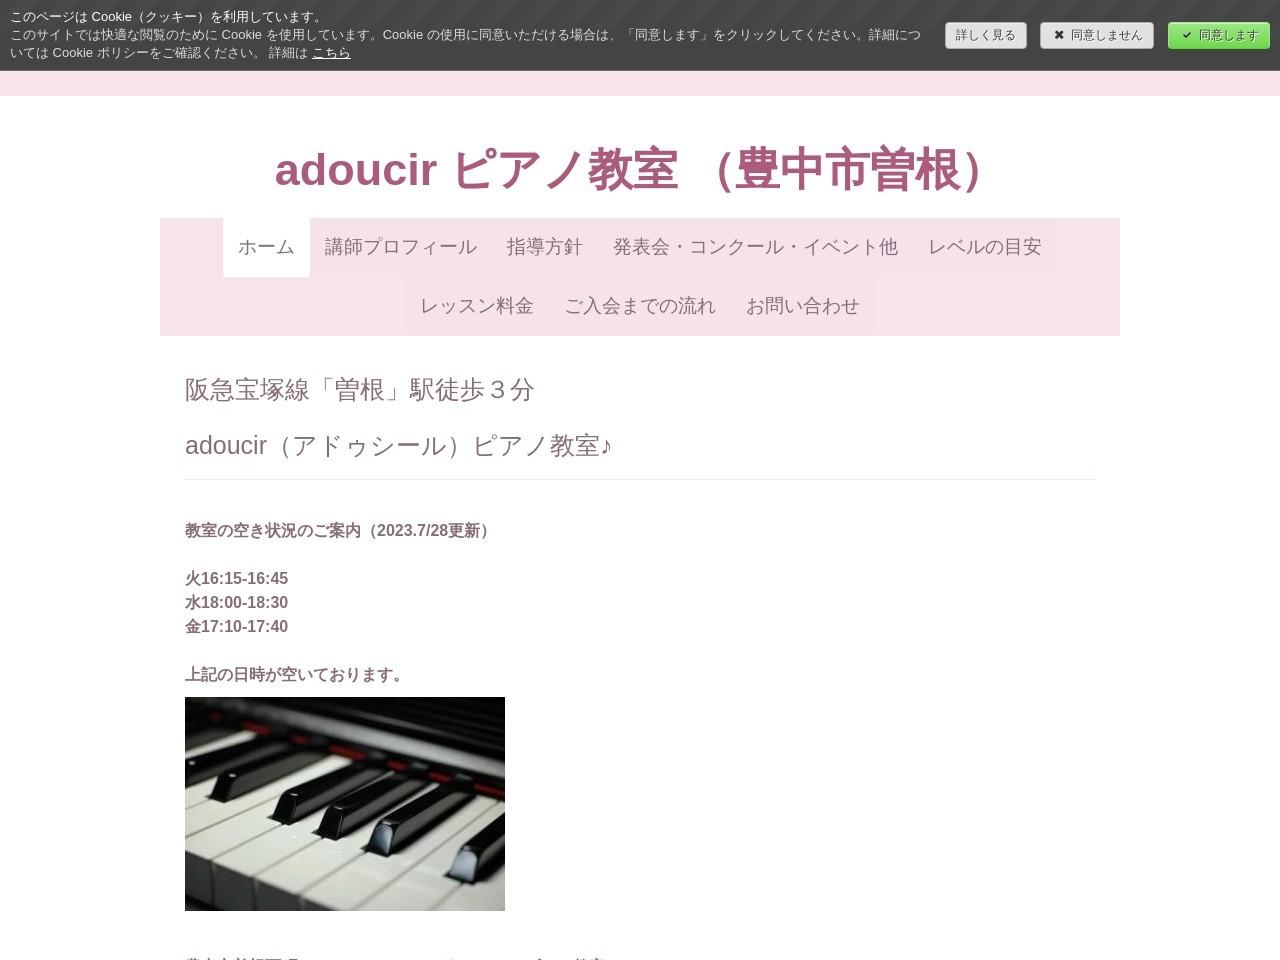 adoucirピアノ教室のサムネイル